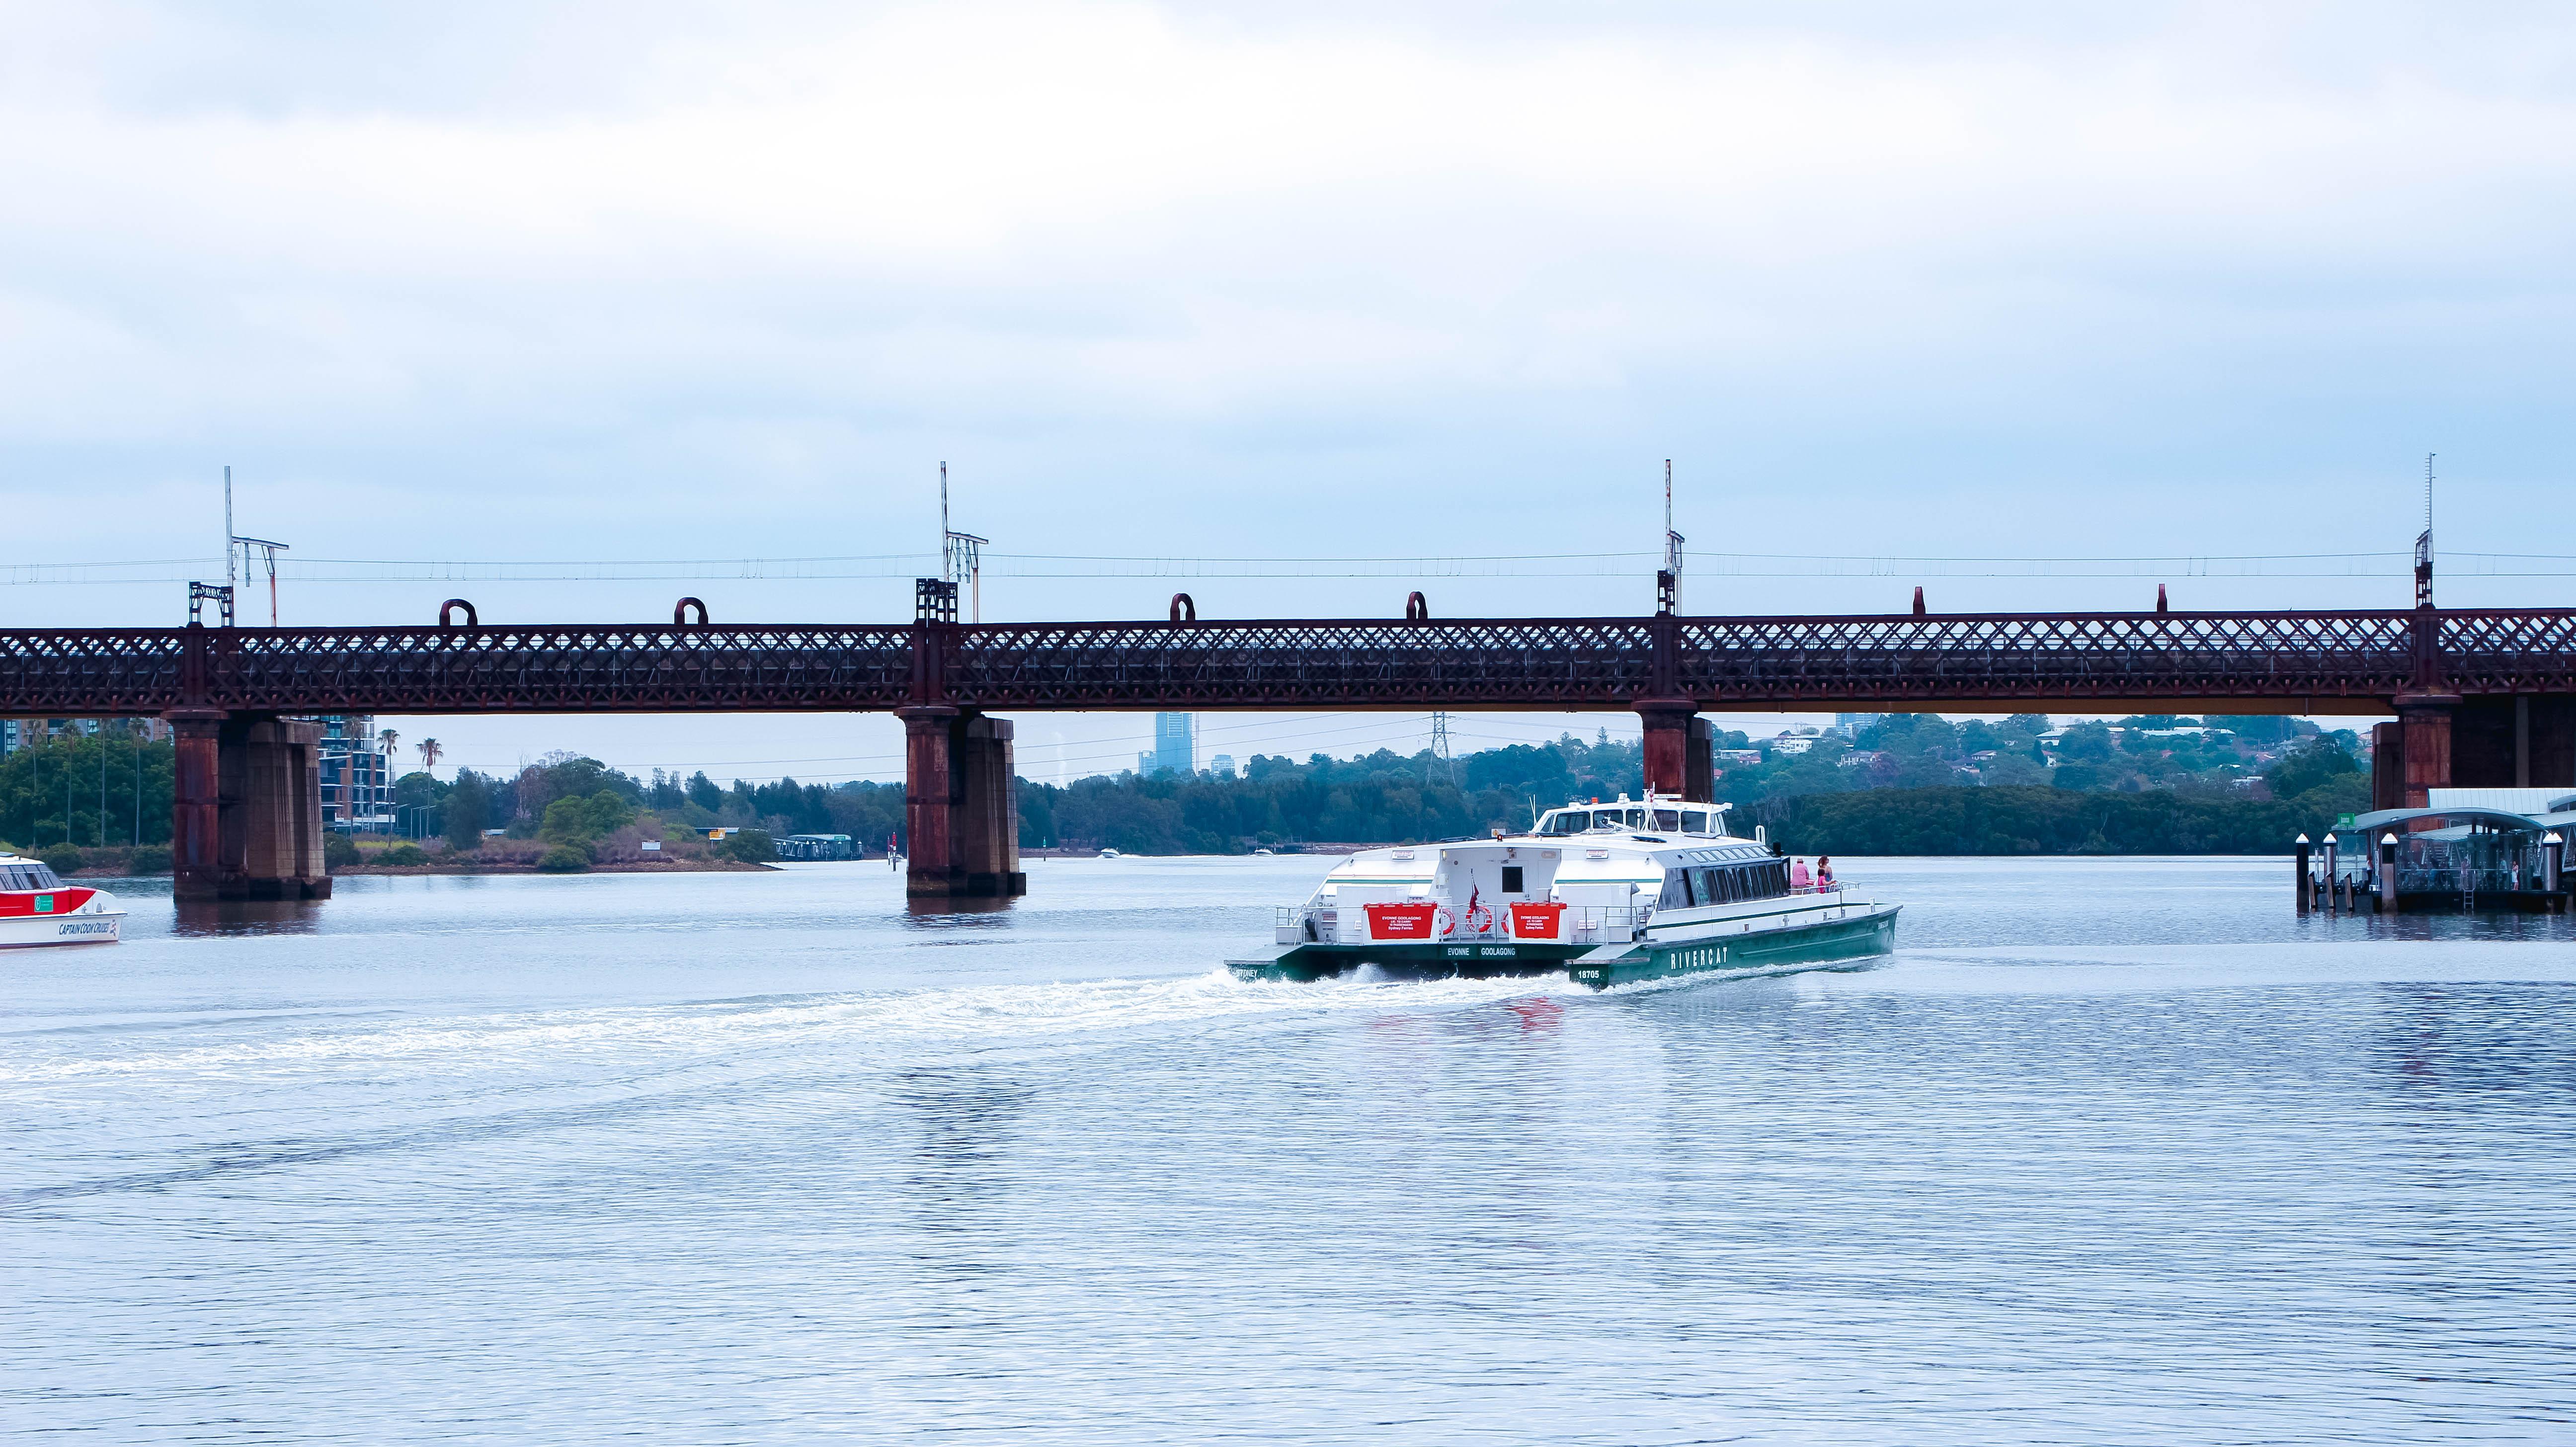 John Whitton Bridge